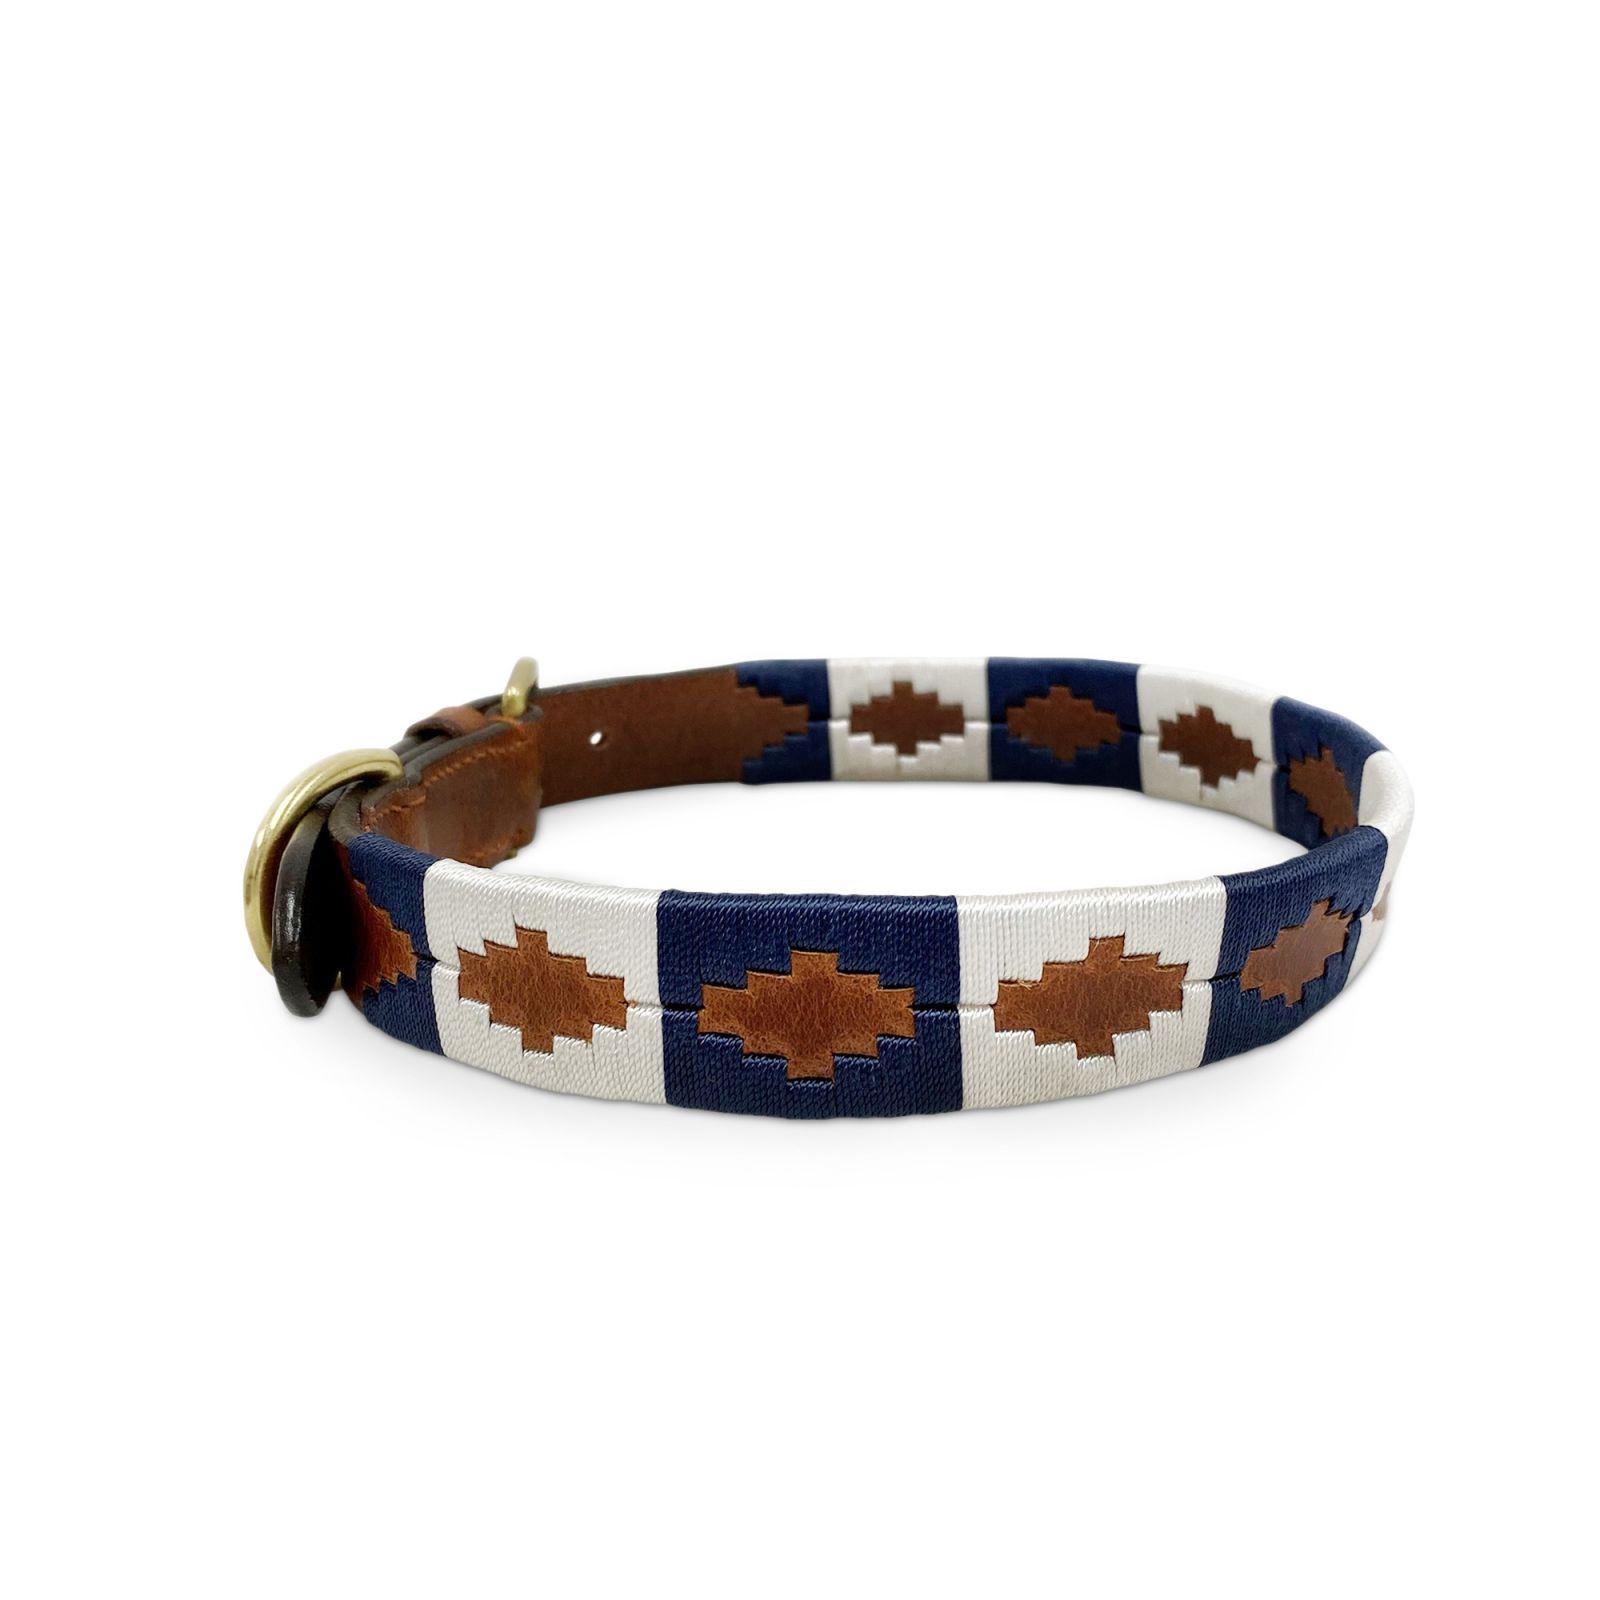 KM Elite Argentinian Dog Collar - Admiral